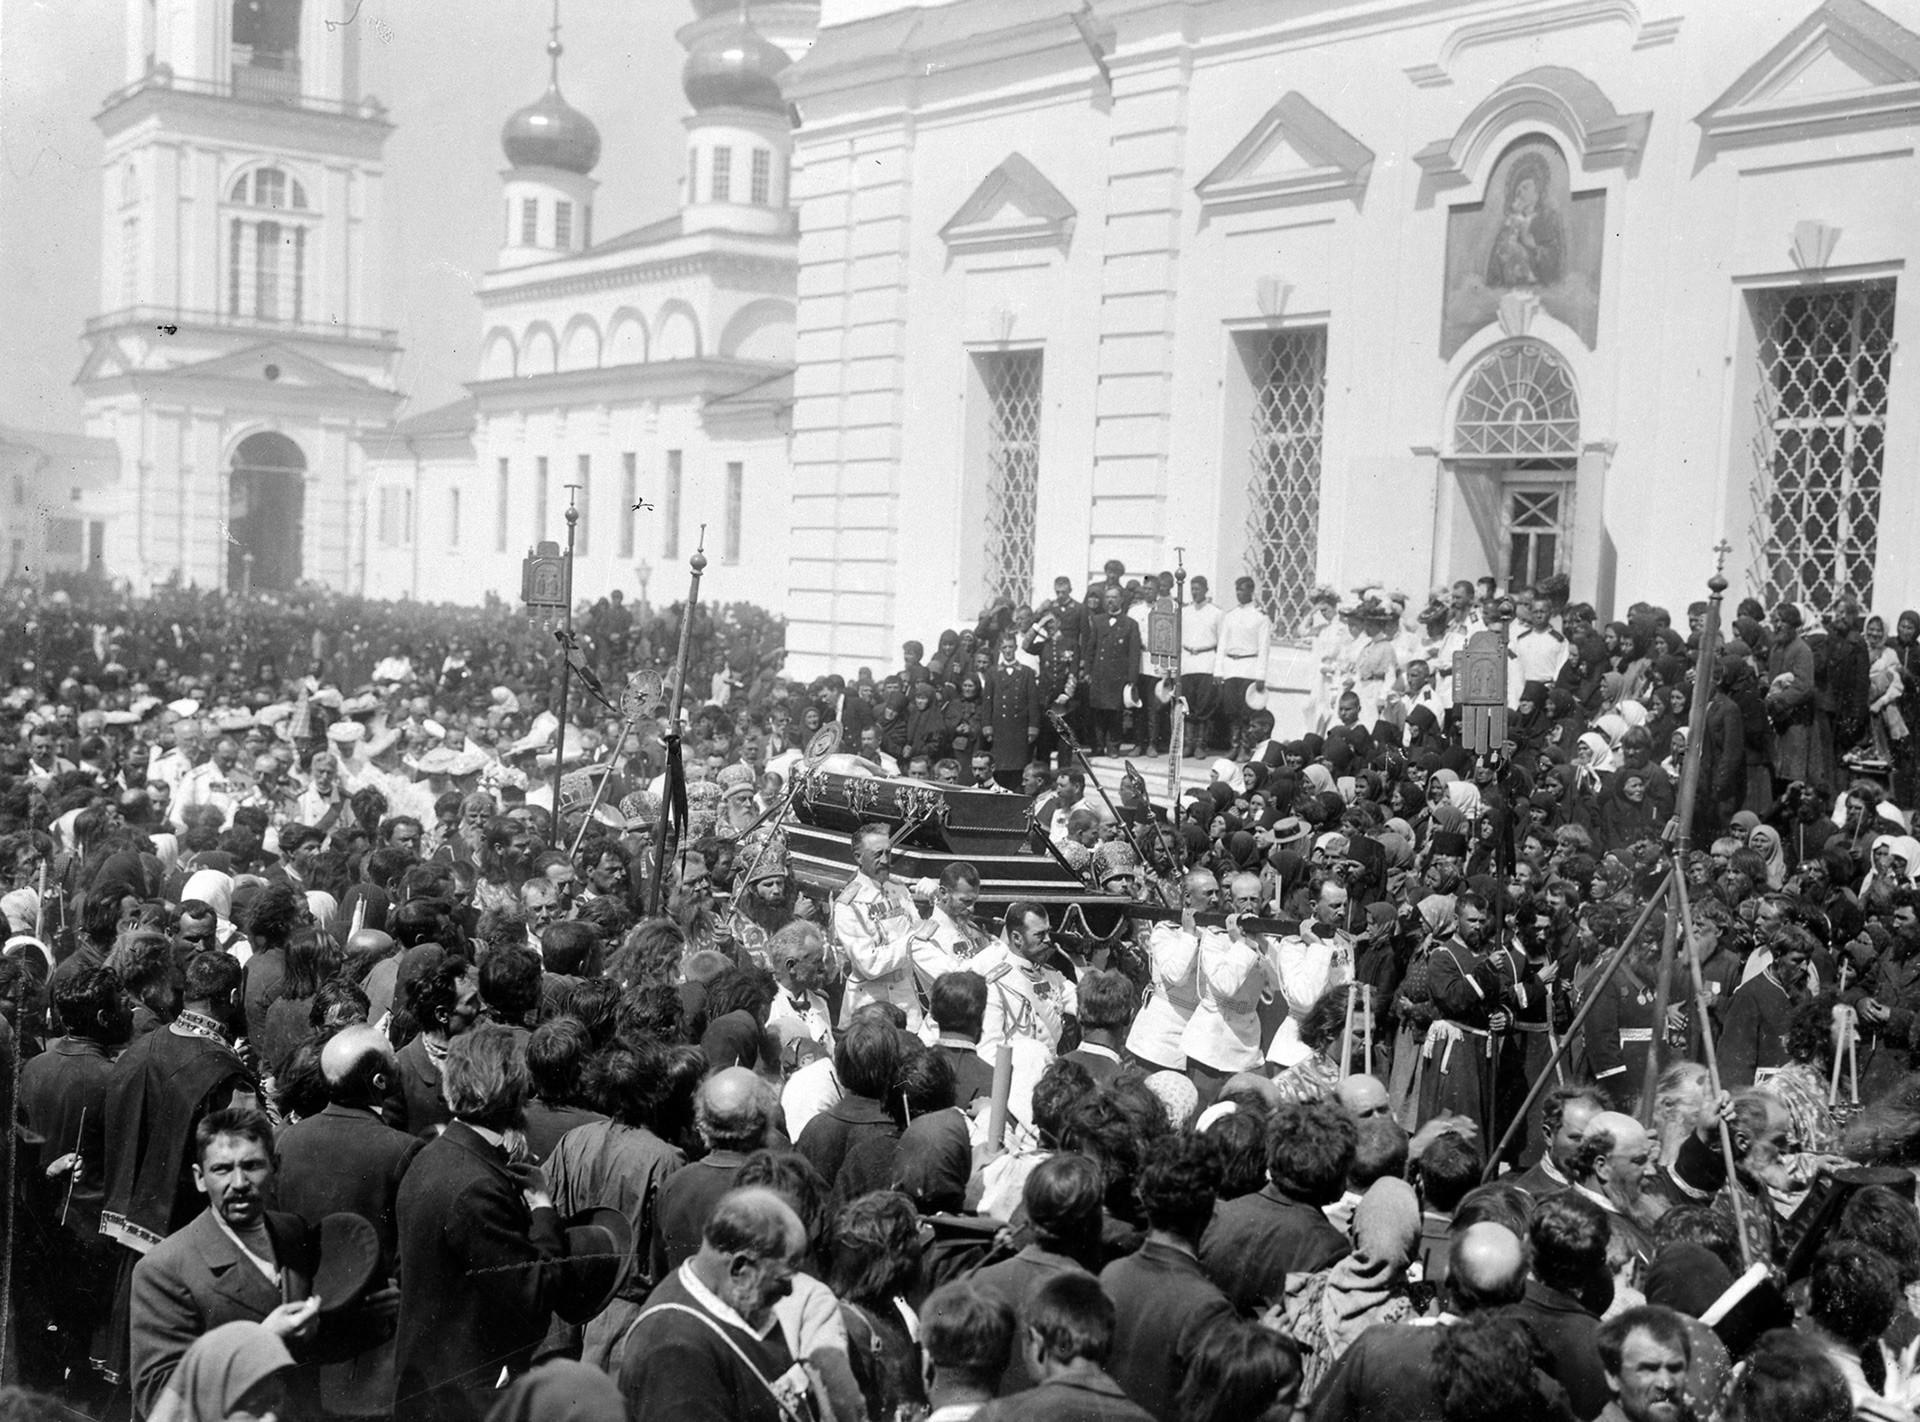 K. E. von Ghan & Co. 撮影。ロシア国立映像写真アーカイブ